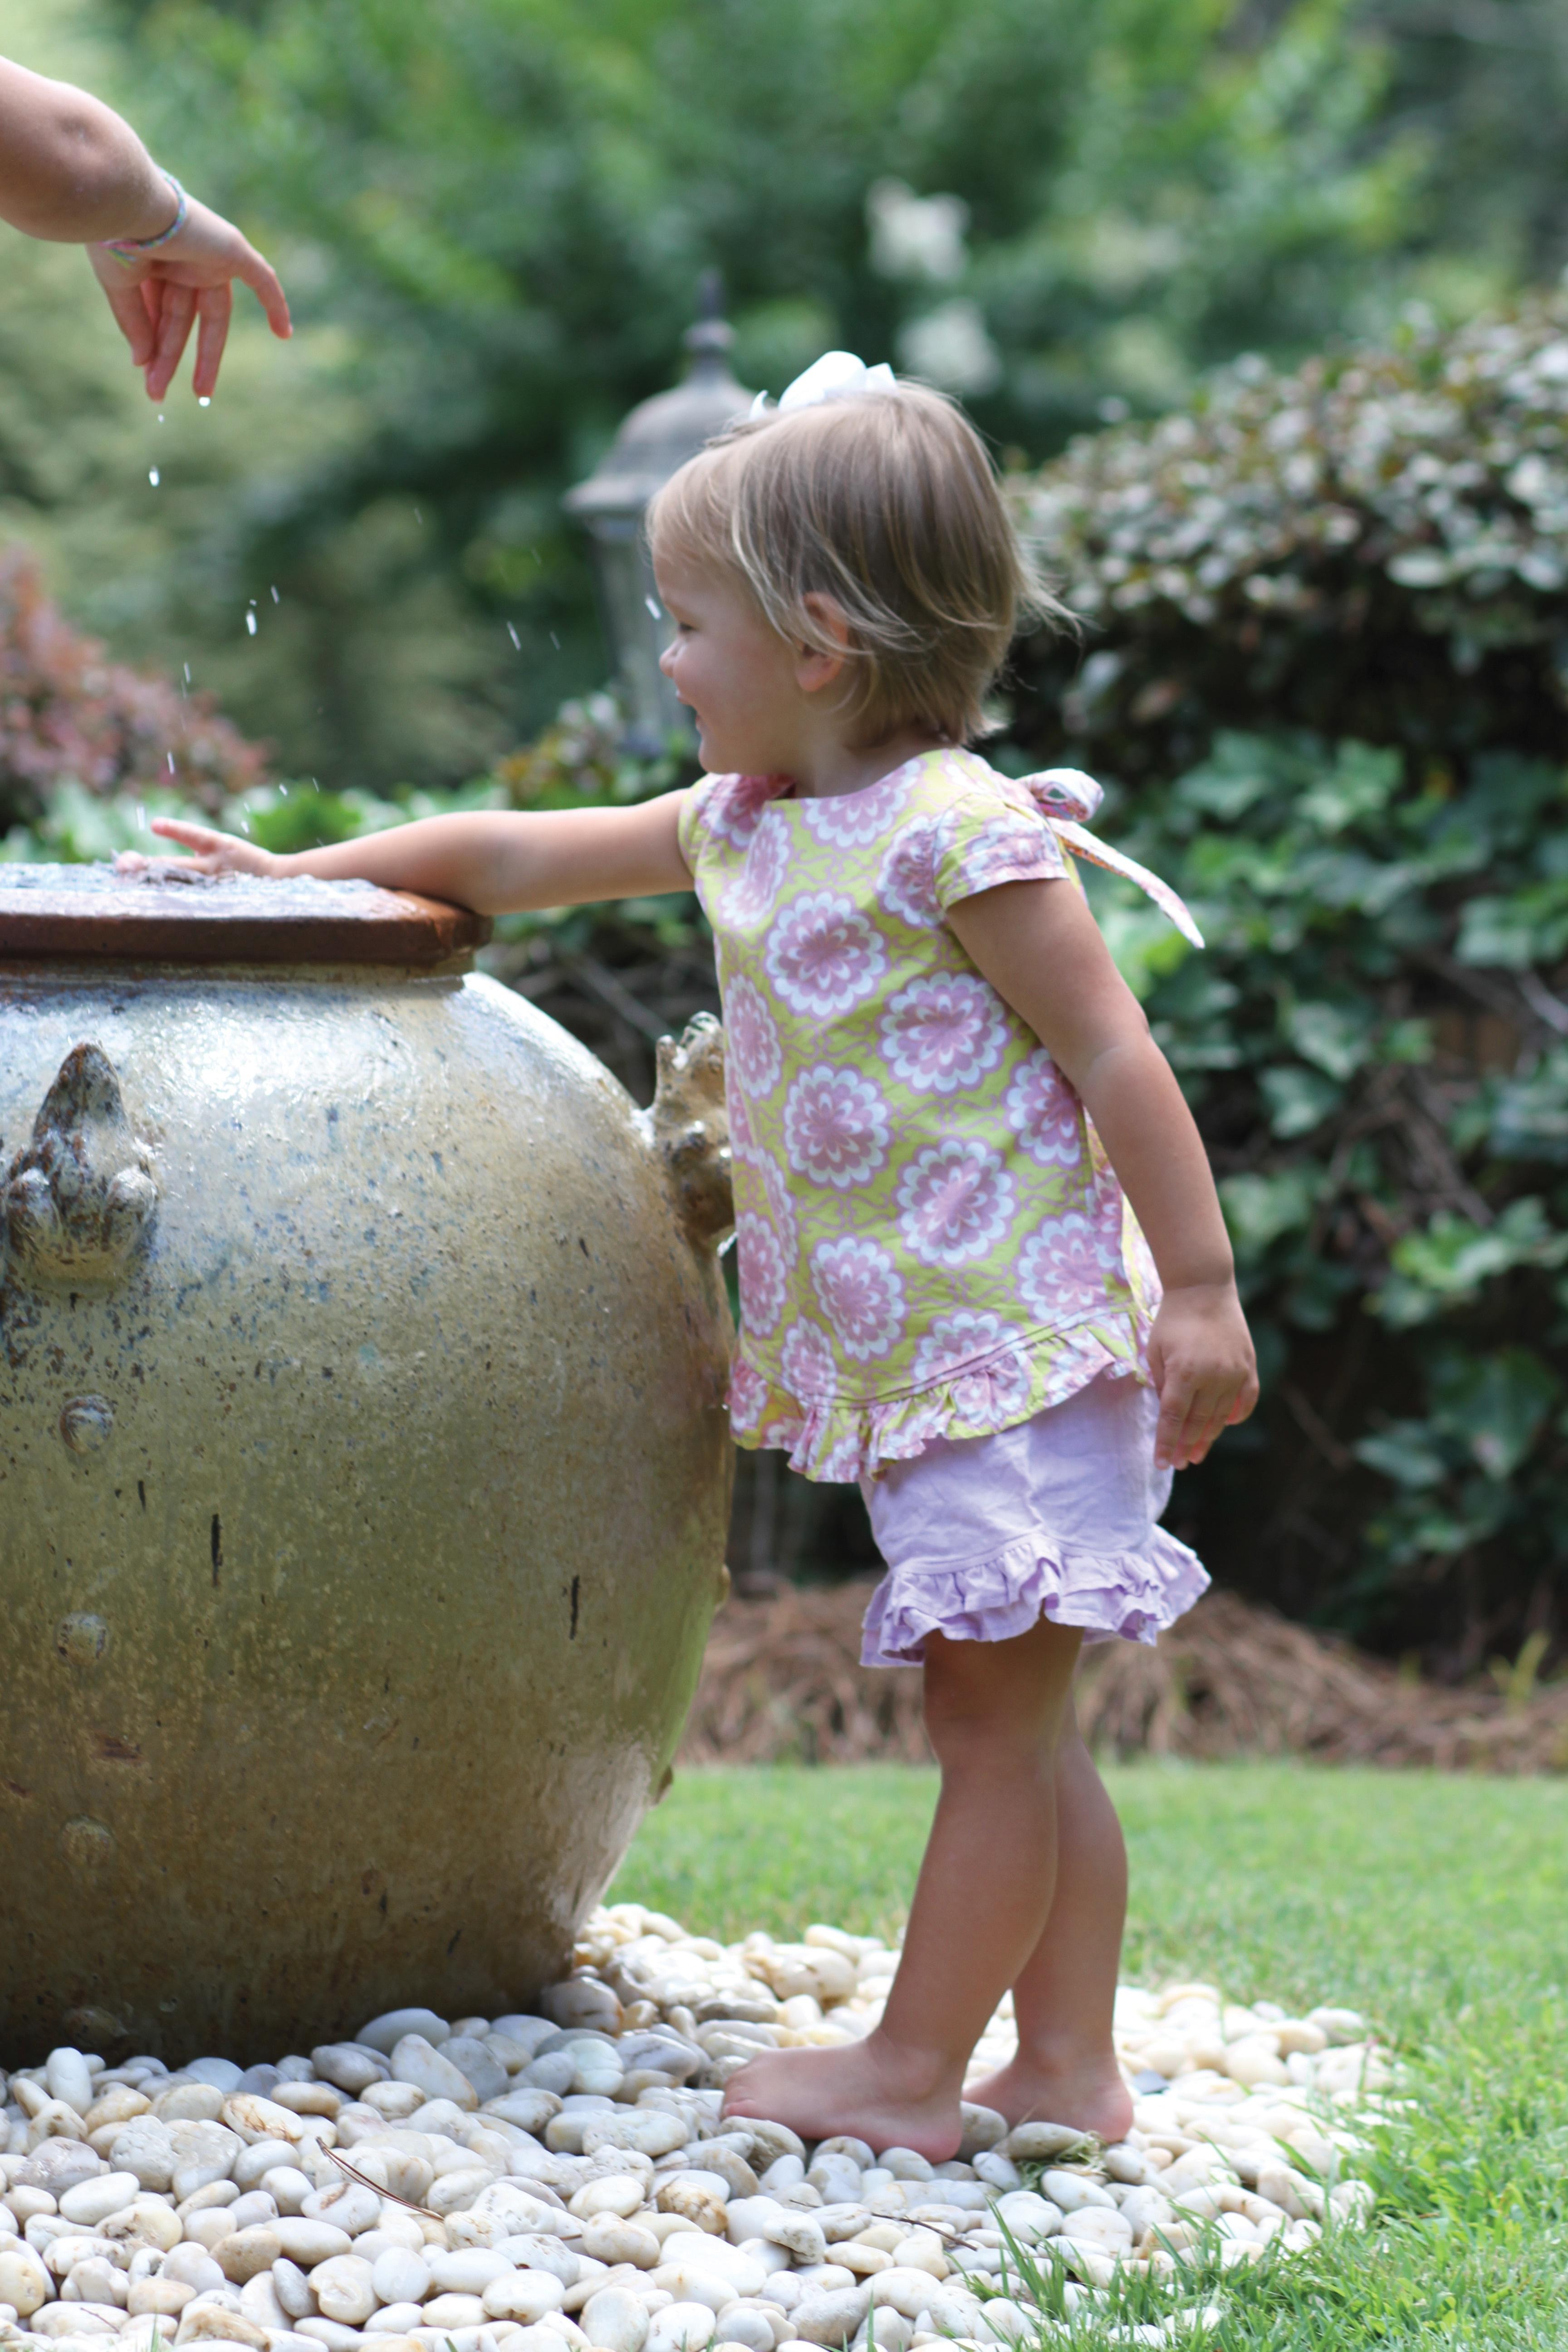 white pebble stone garden with child